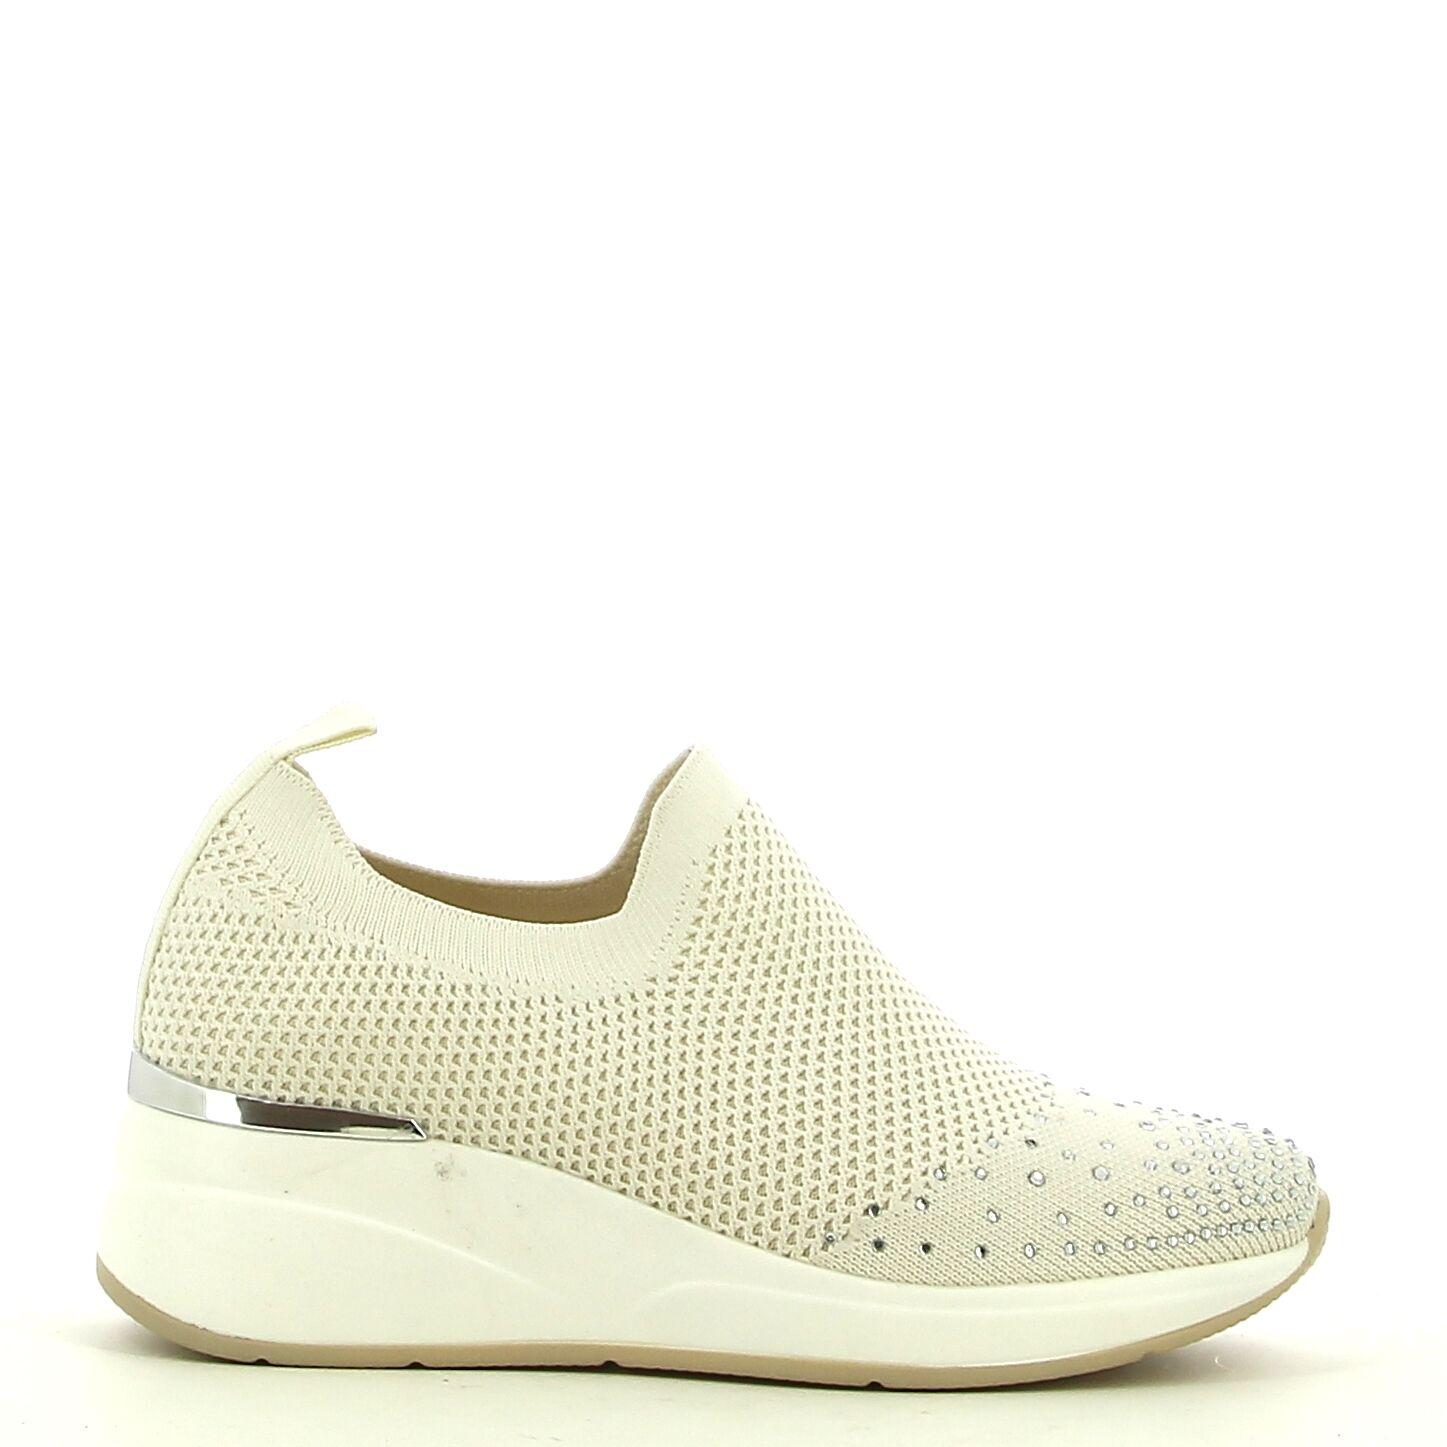 Ken Shoe Fashion - Beige met steentjes - Sneakers